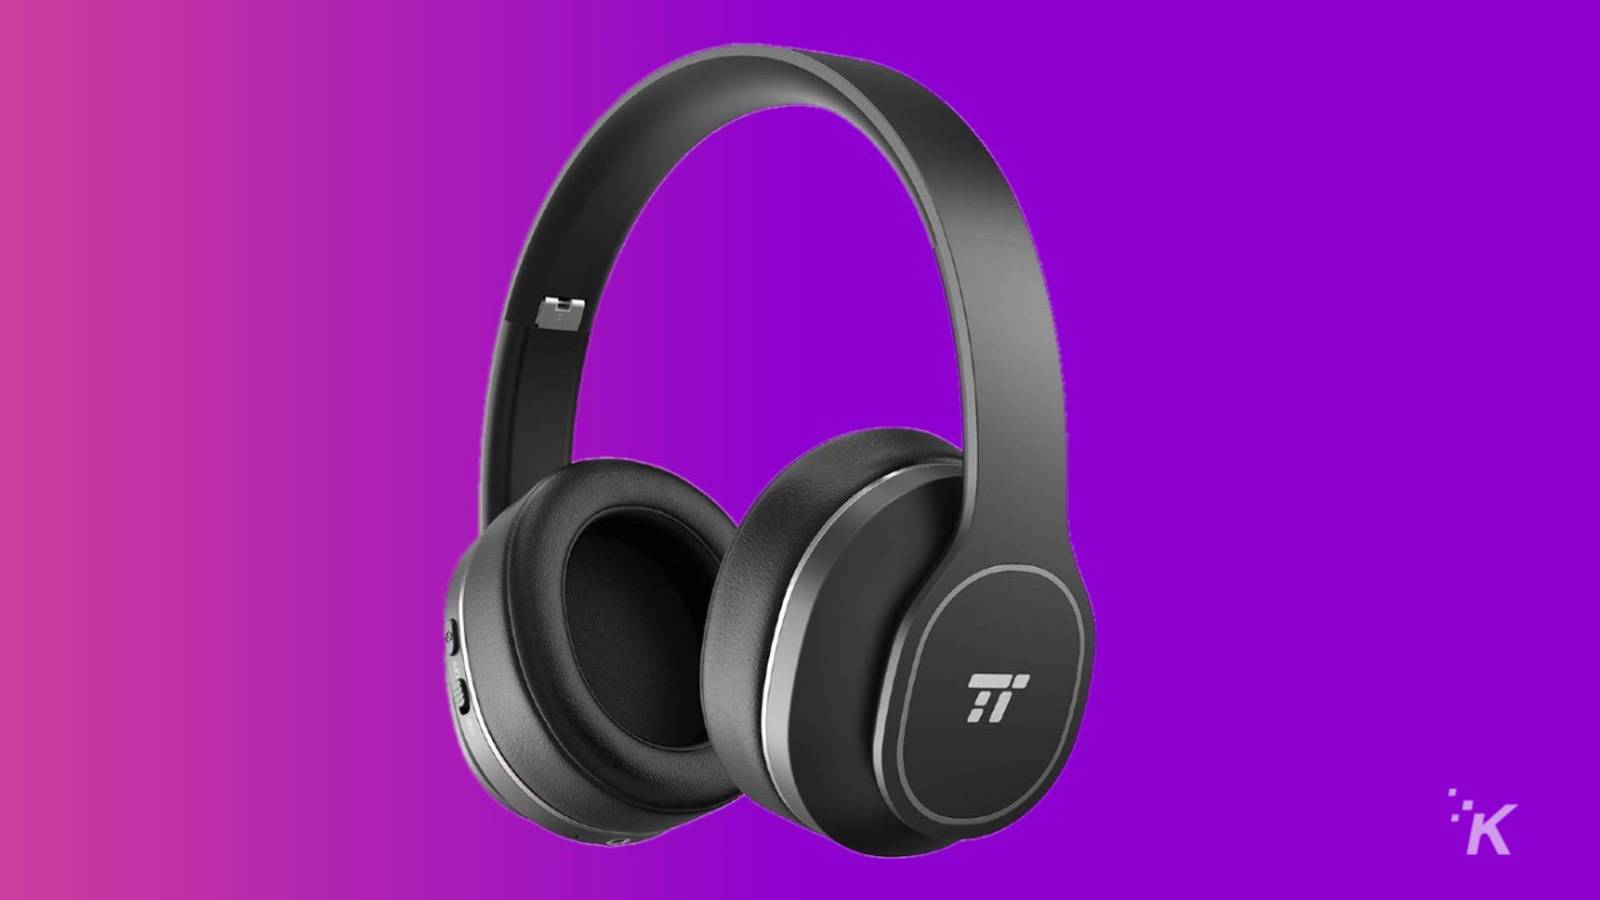 taotronics noise canceling headphones knowtechie deal